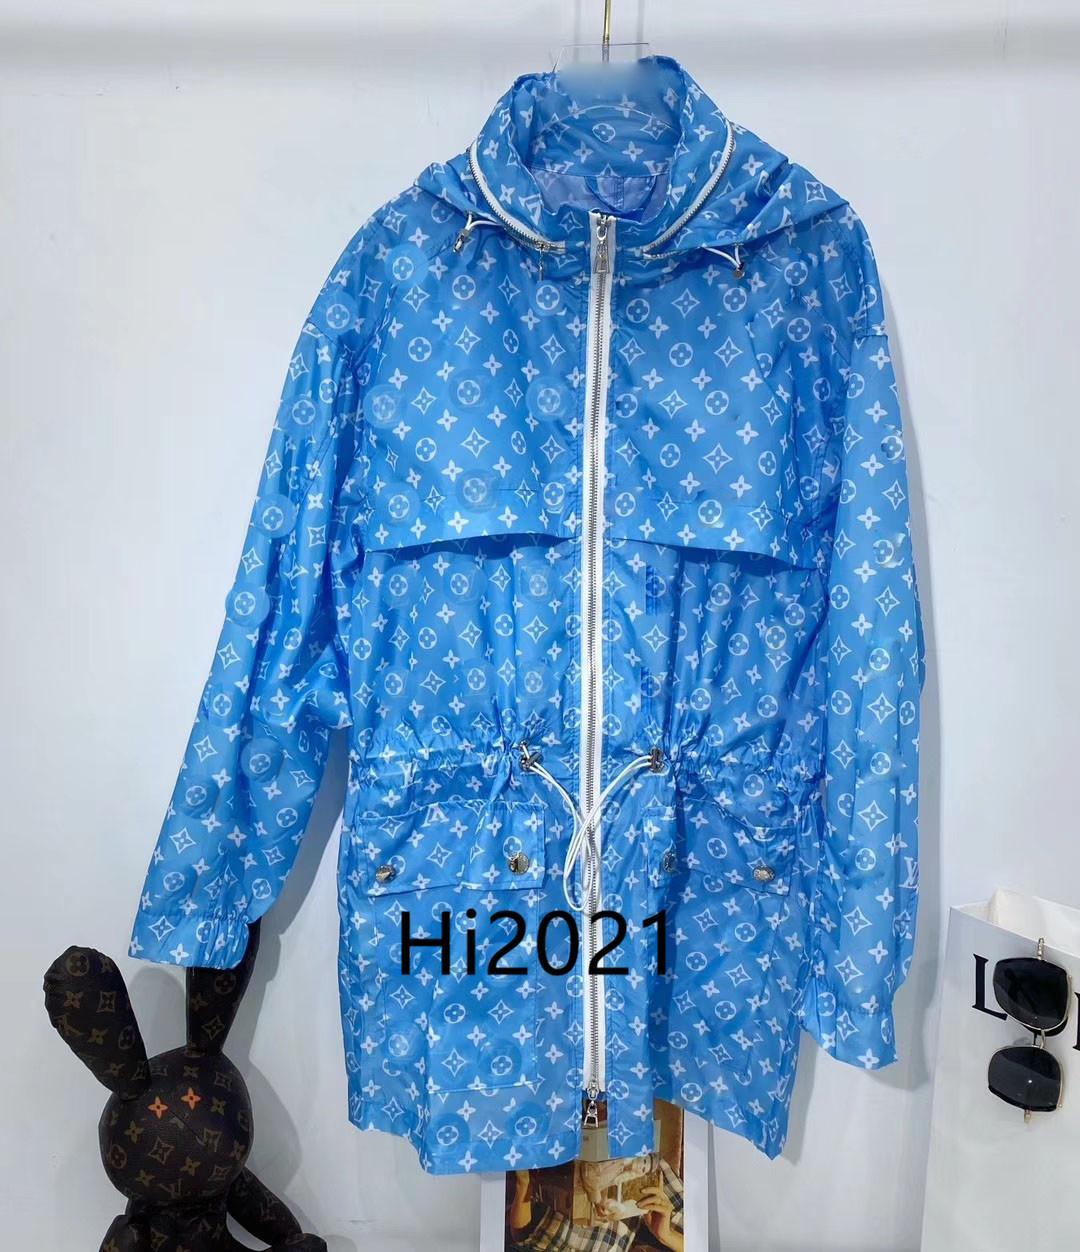 하이 엔드 여성 여자 캐주얼 긴 스포츠 용 재킷의 일종 코트 2020 패션 고급스러운 디자인 느슨한 지퍼 탑 블라우스 모든 것을 모노그램 프린트 후드 재킷